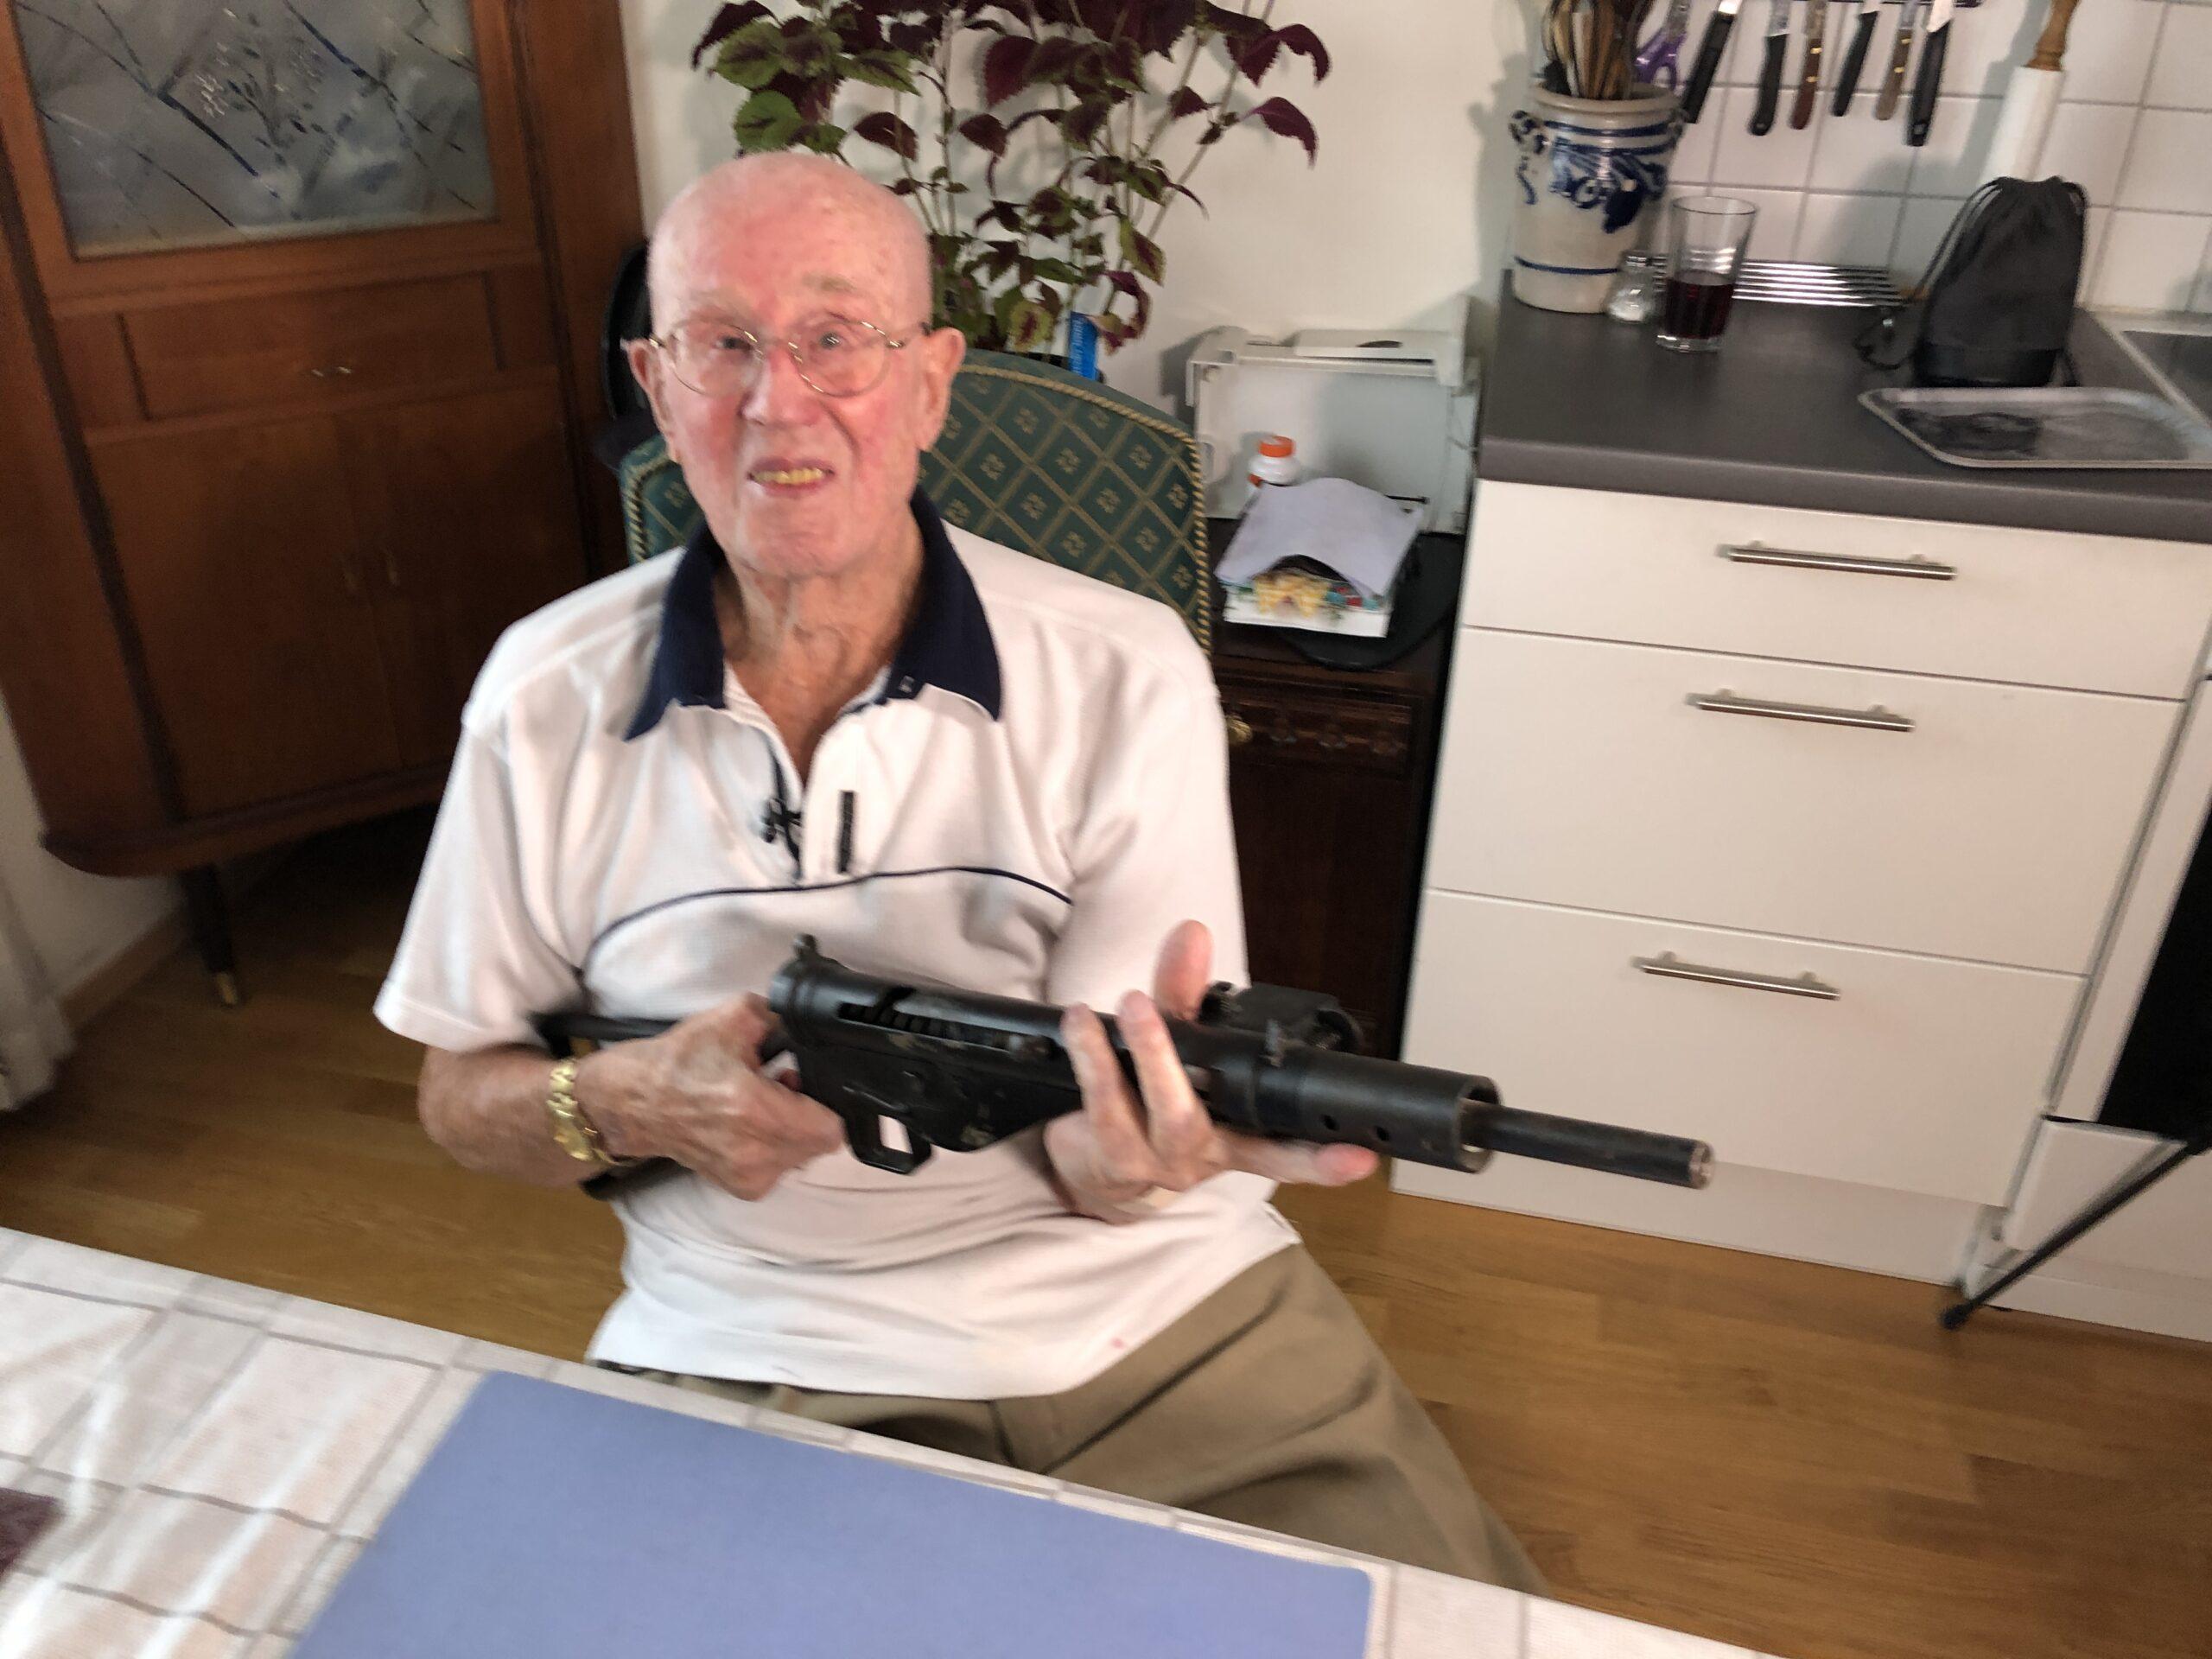 Bilde av Bjørn Lundby som holder et stengun gevær